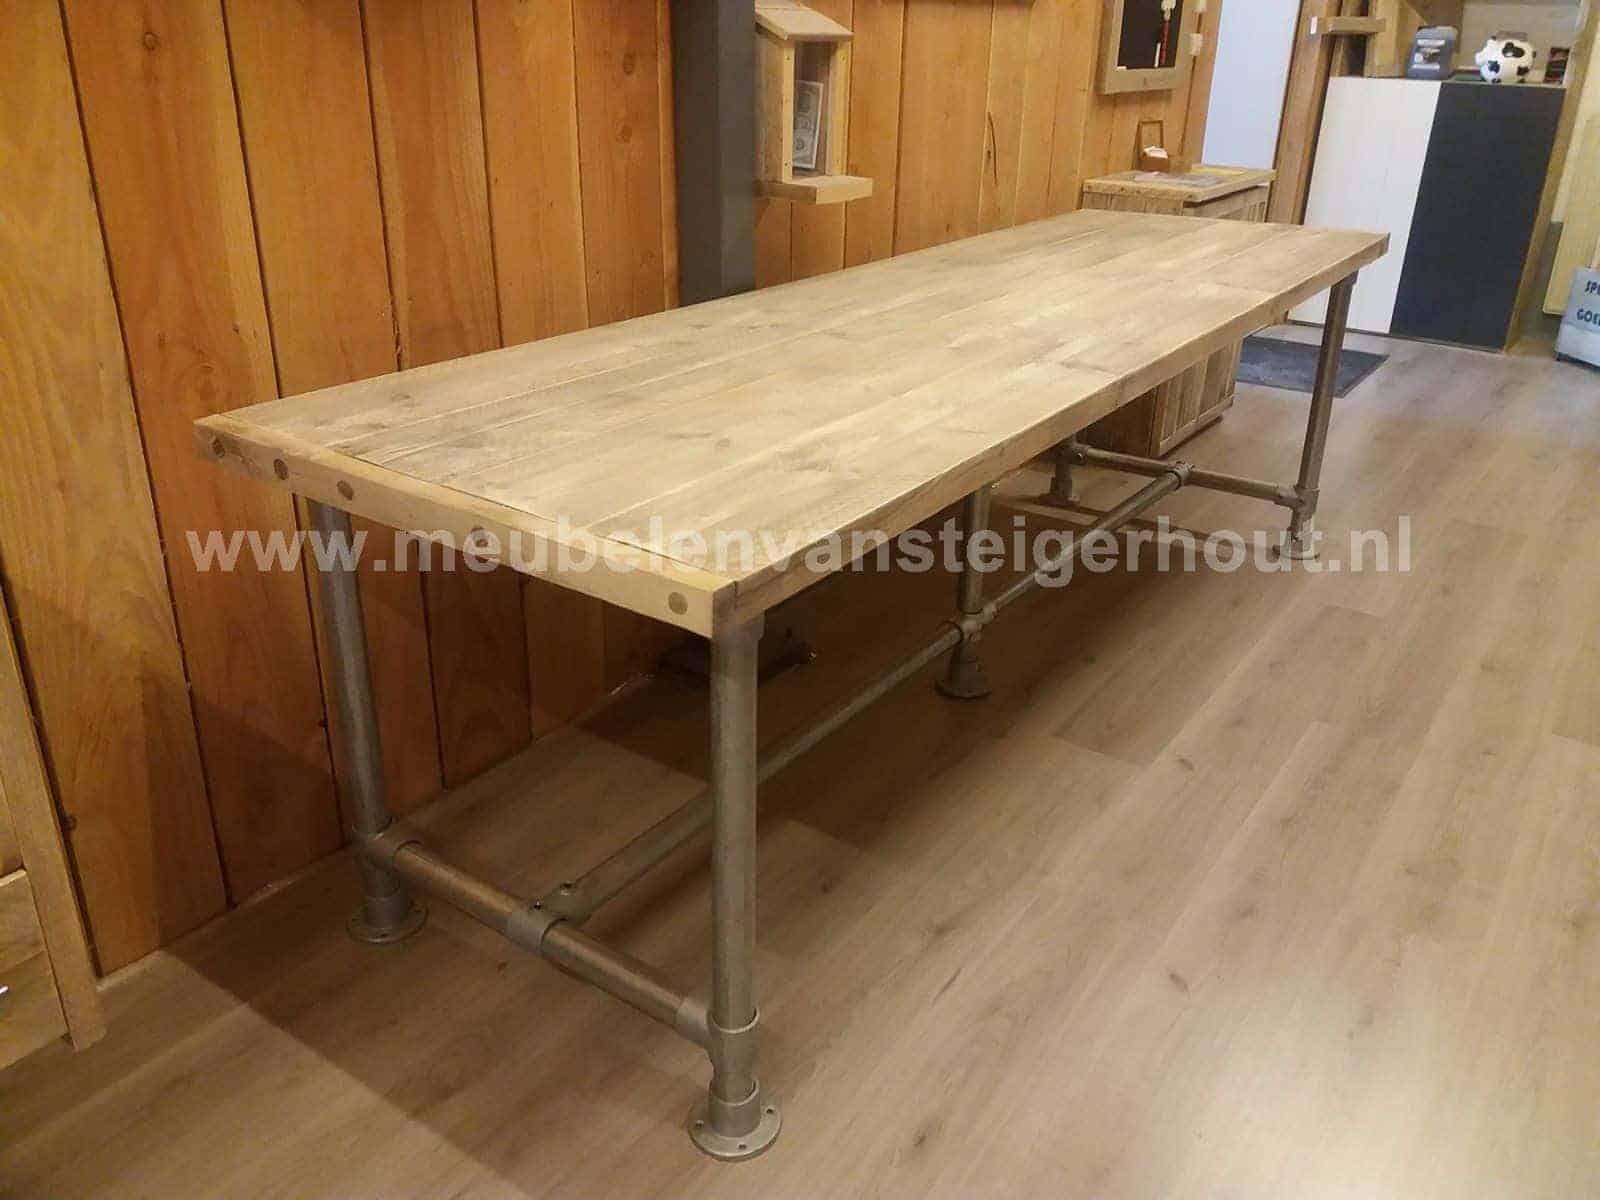 Onderstel tafel maken simple losse with onderstel tafel maken